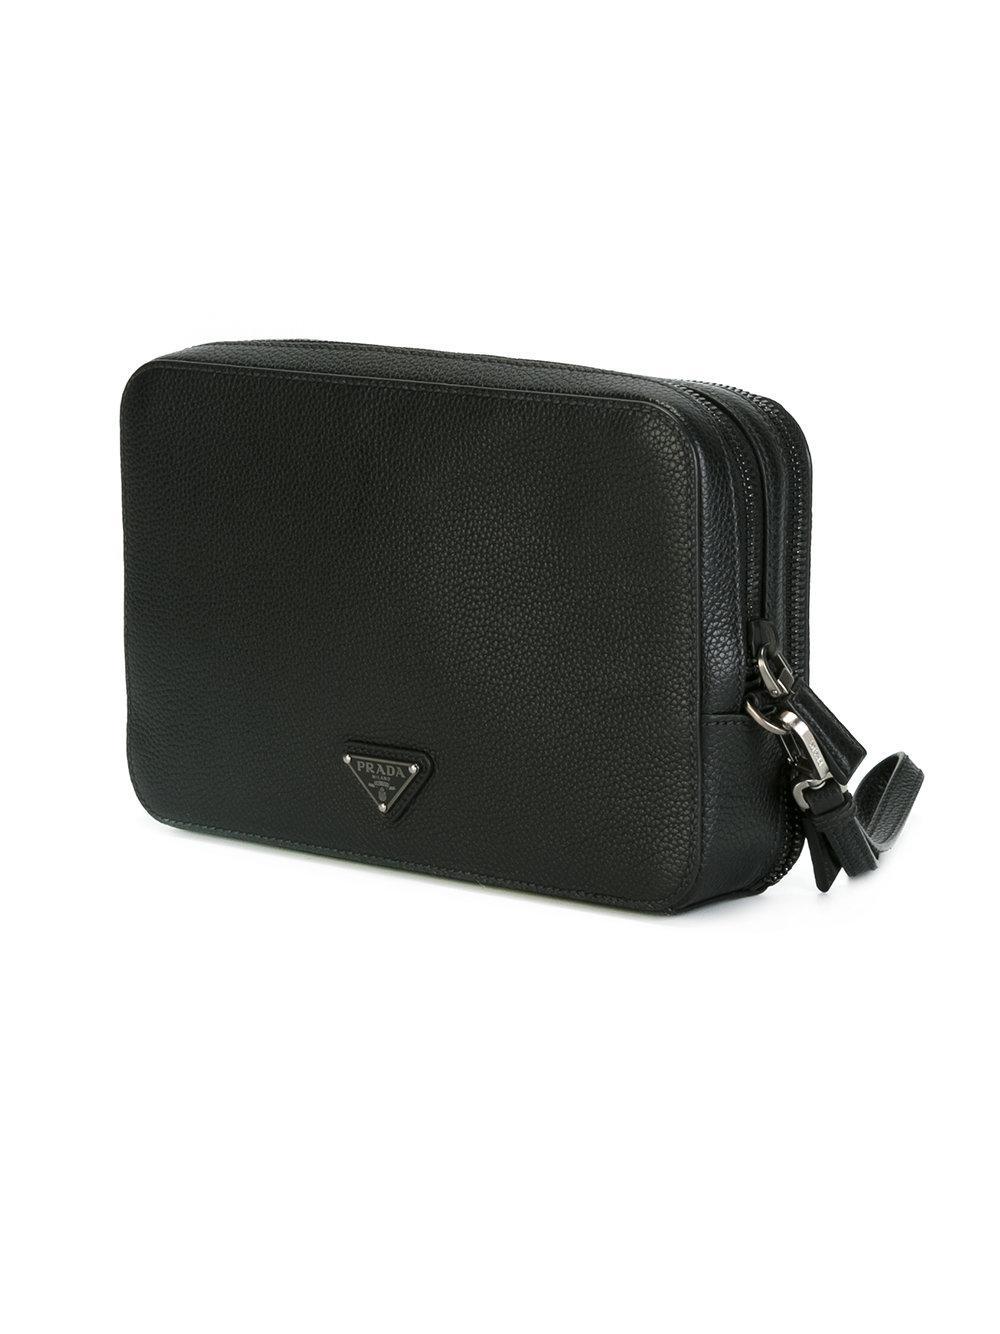 3551a430ca10 Prada - Hand-strap Clutch - Men - Calf Leather - One Size in Black ...